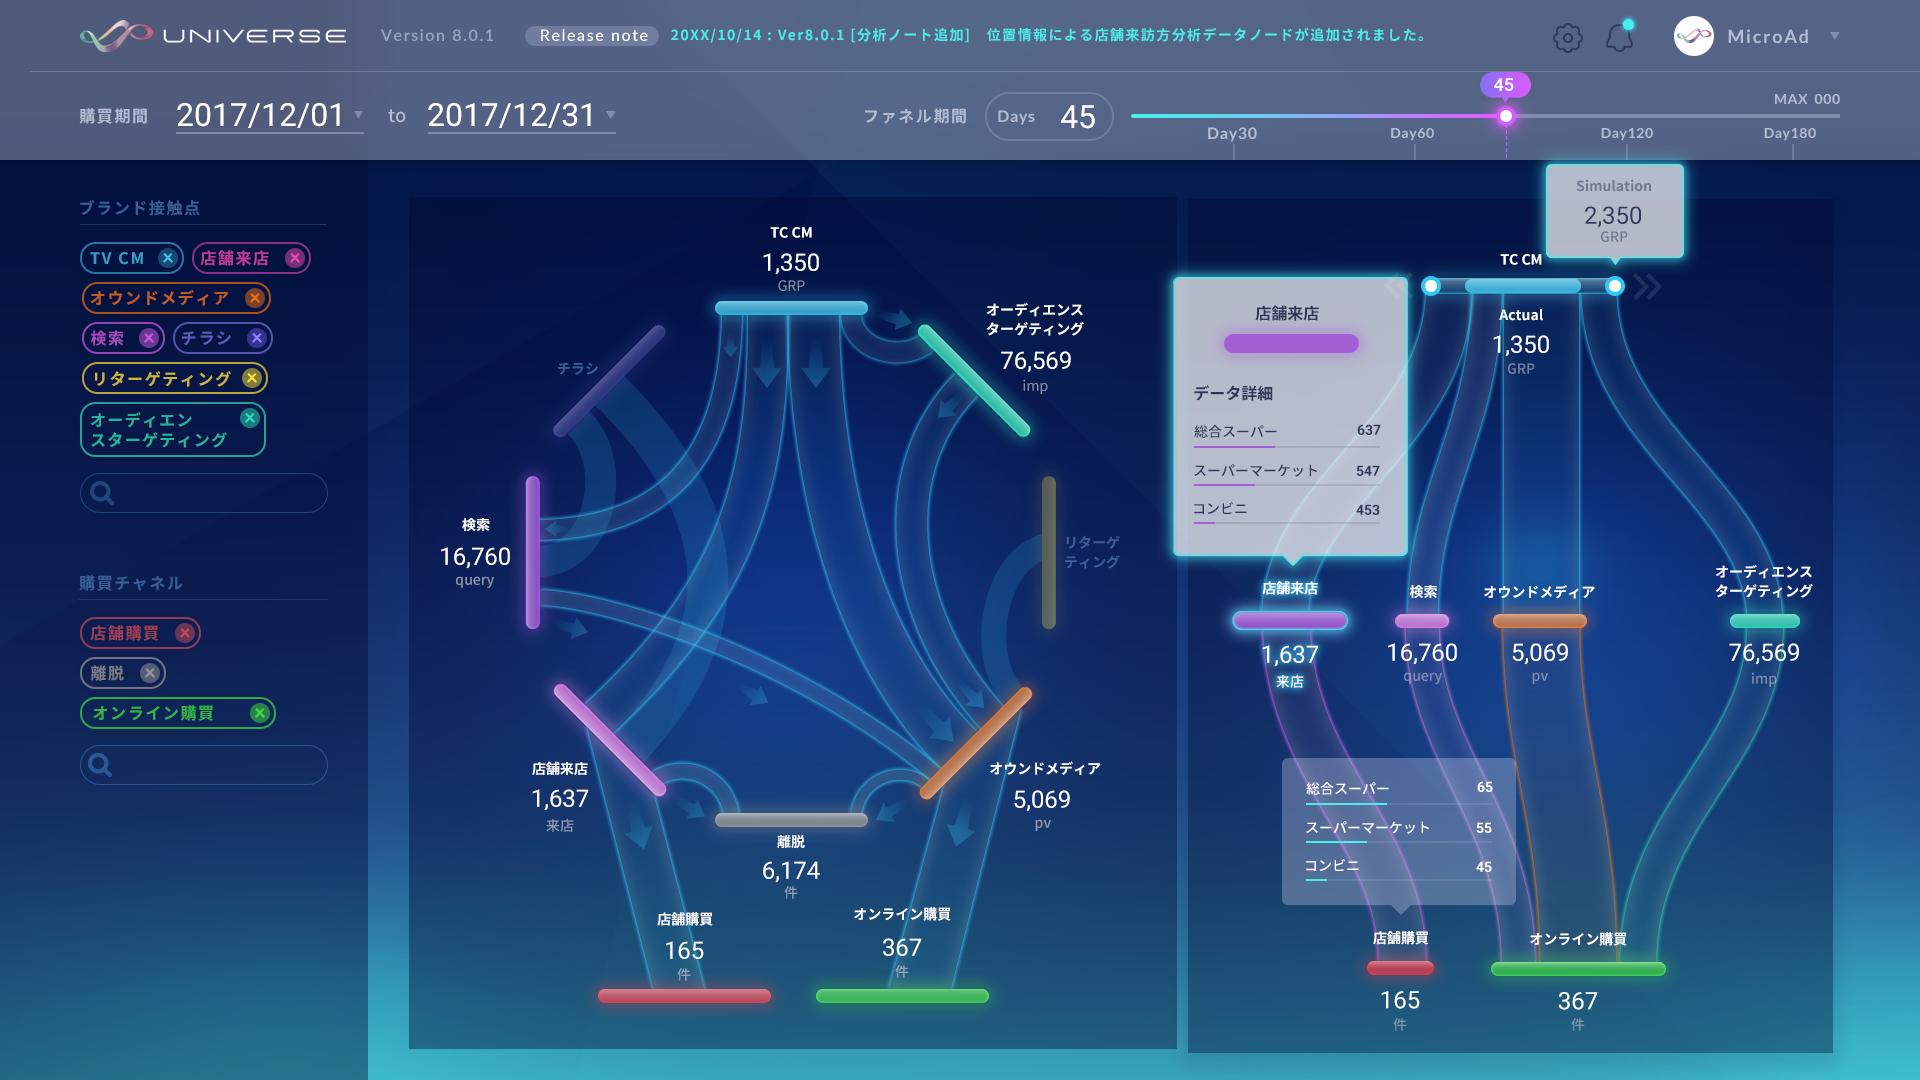 フルファネルマネジメントのコンセプトイメージ